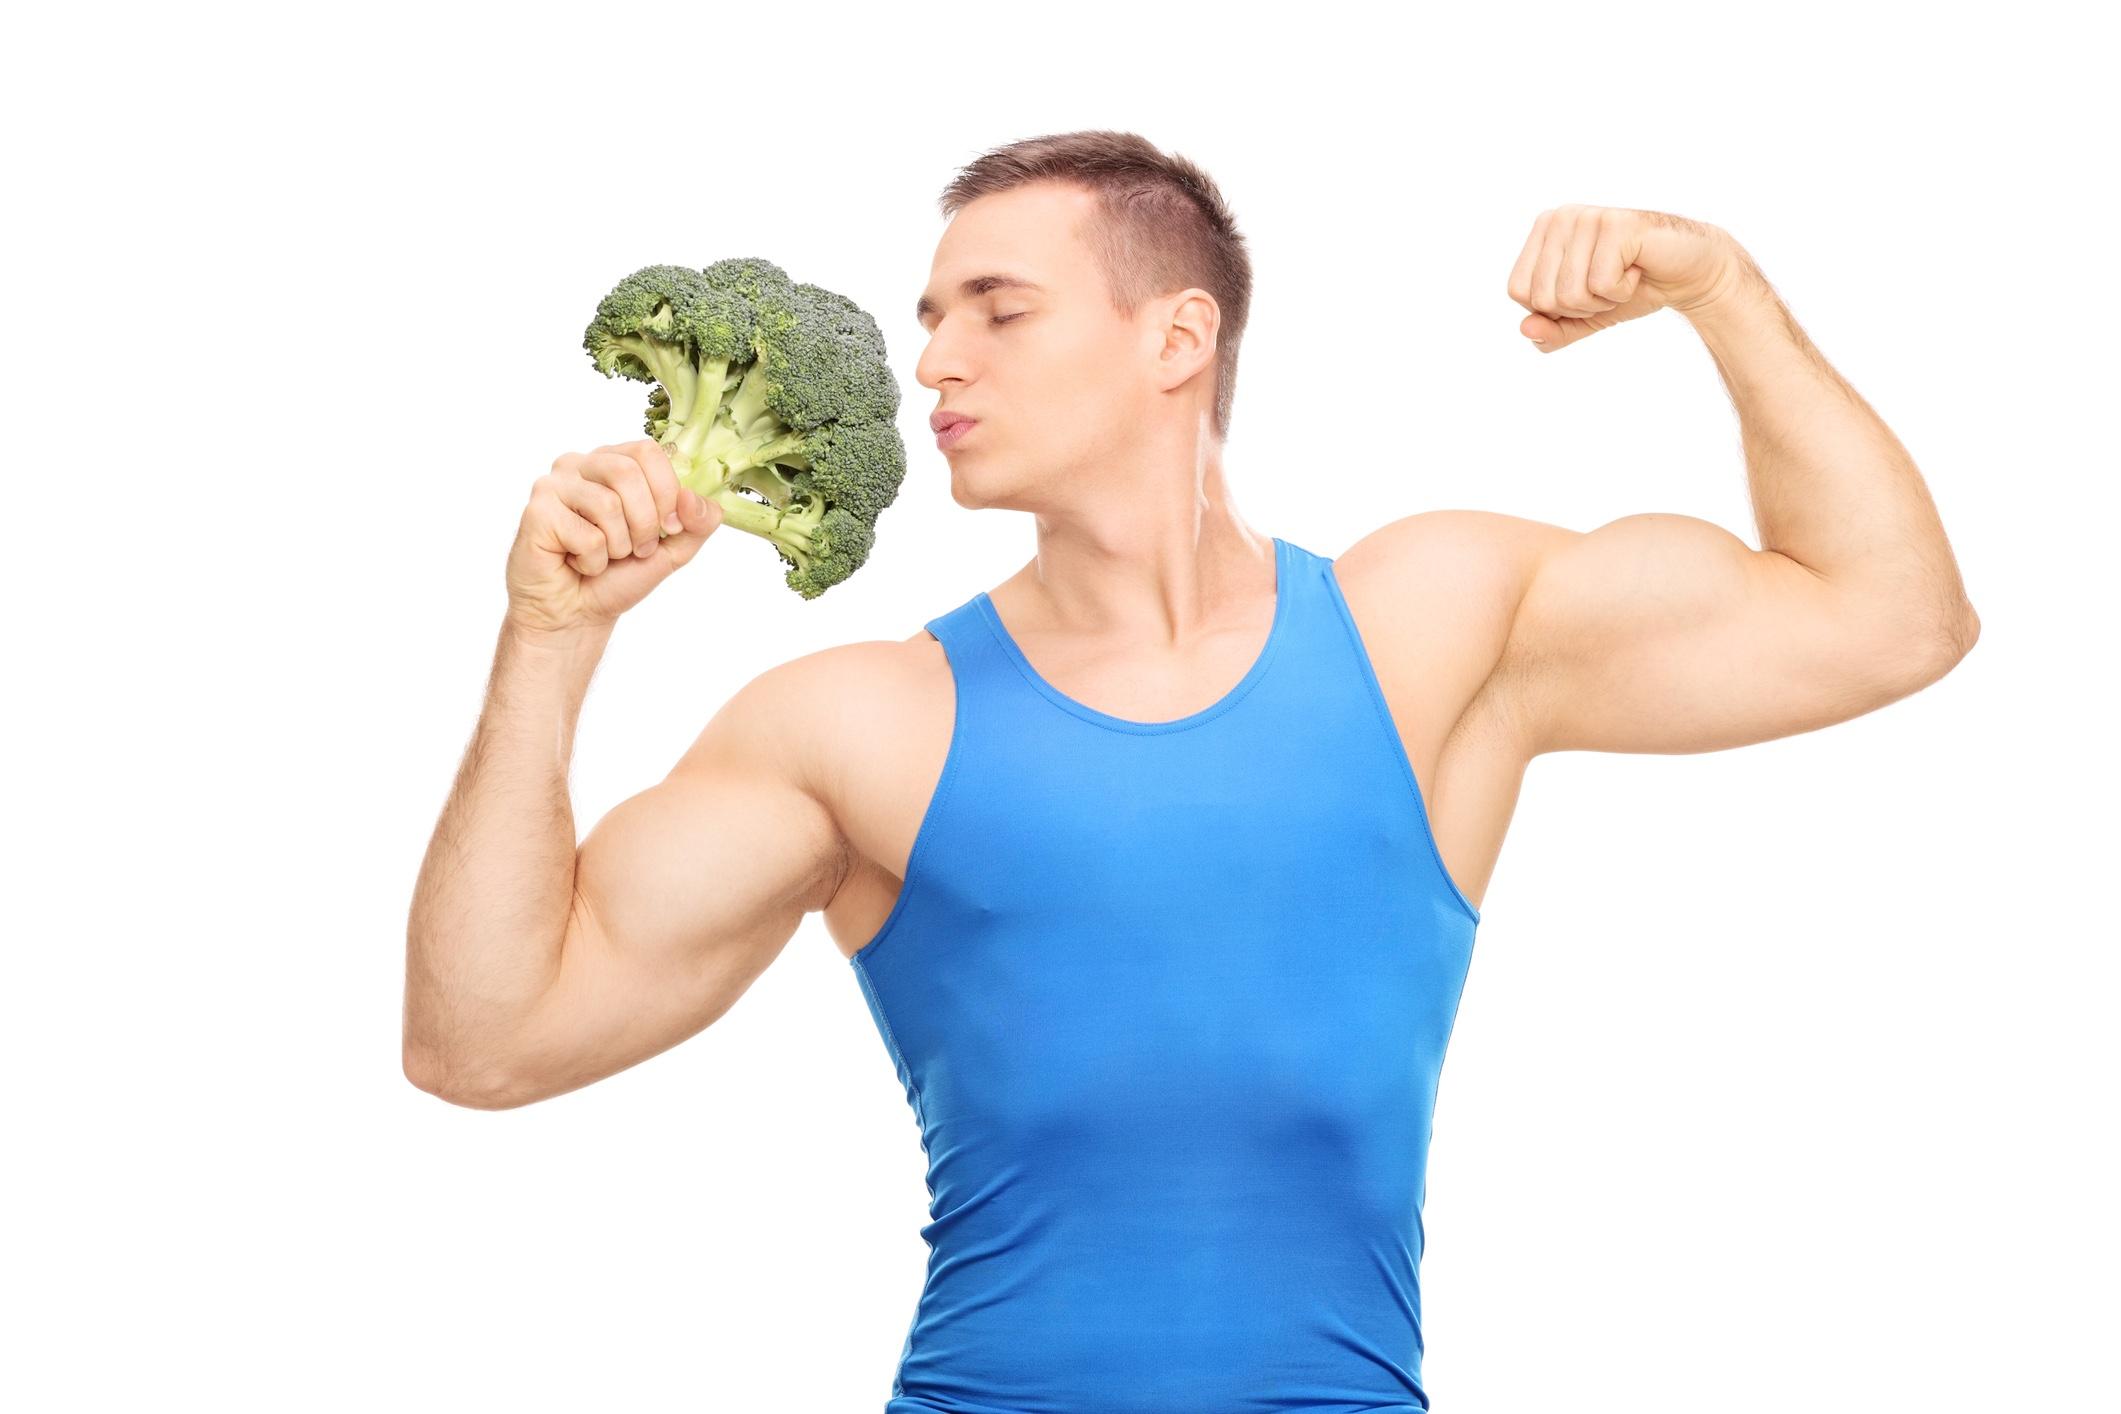 なぜブロッコリーは筋トレ民に人気?栄養素、効果的な食べ方、1日の摂取量、料理のコツを栄養士に聞いてみた